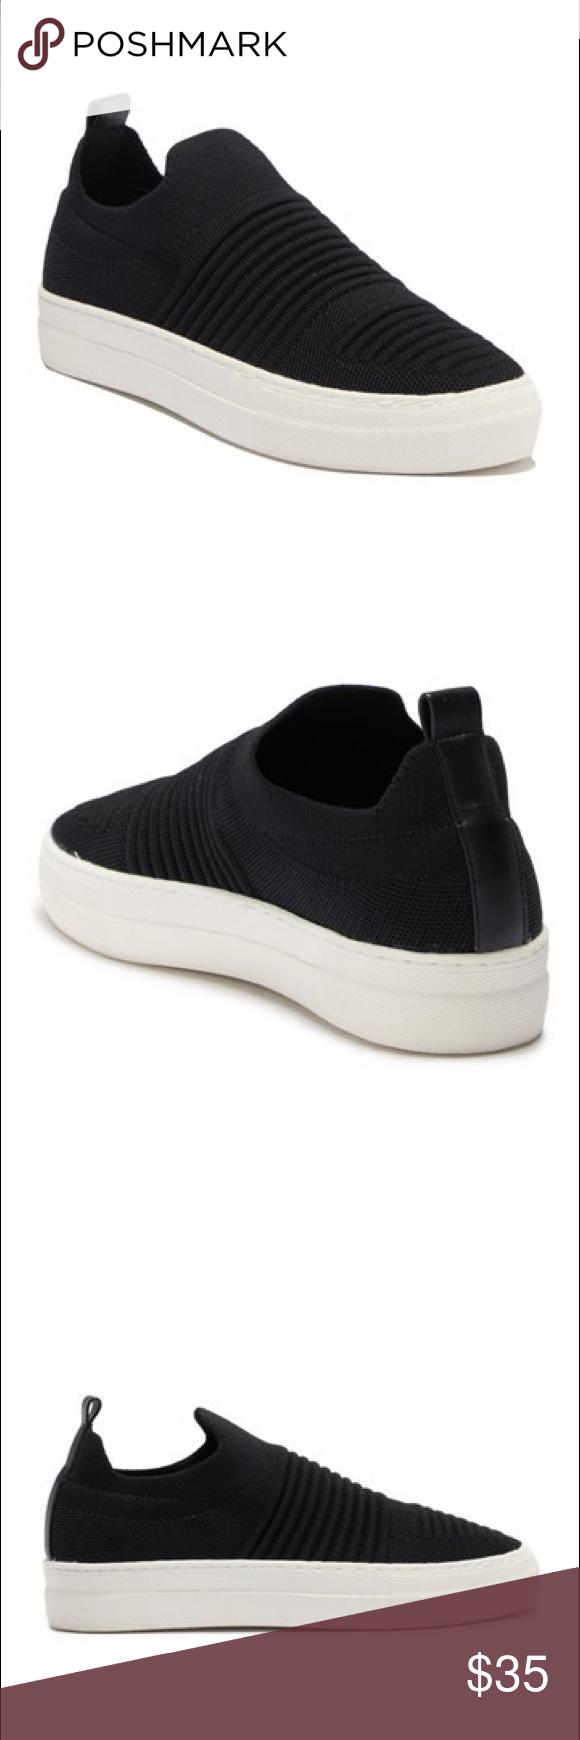 Madden Buffi Black Knit Platform Slip